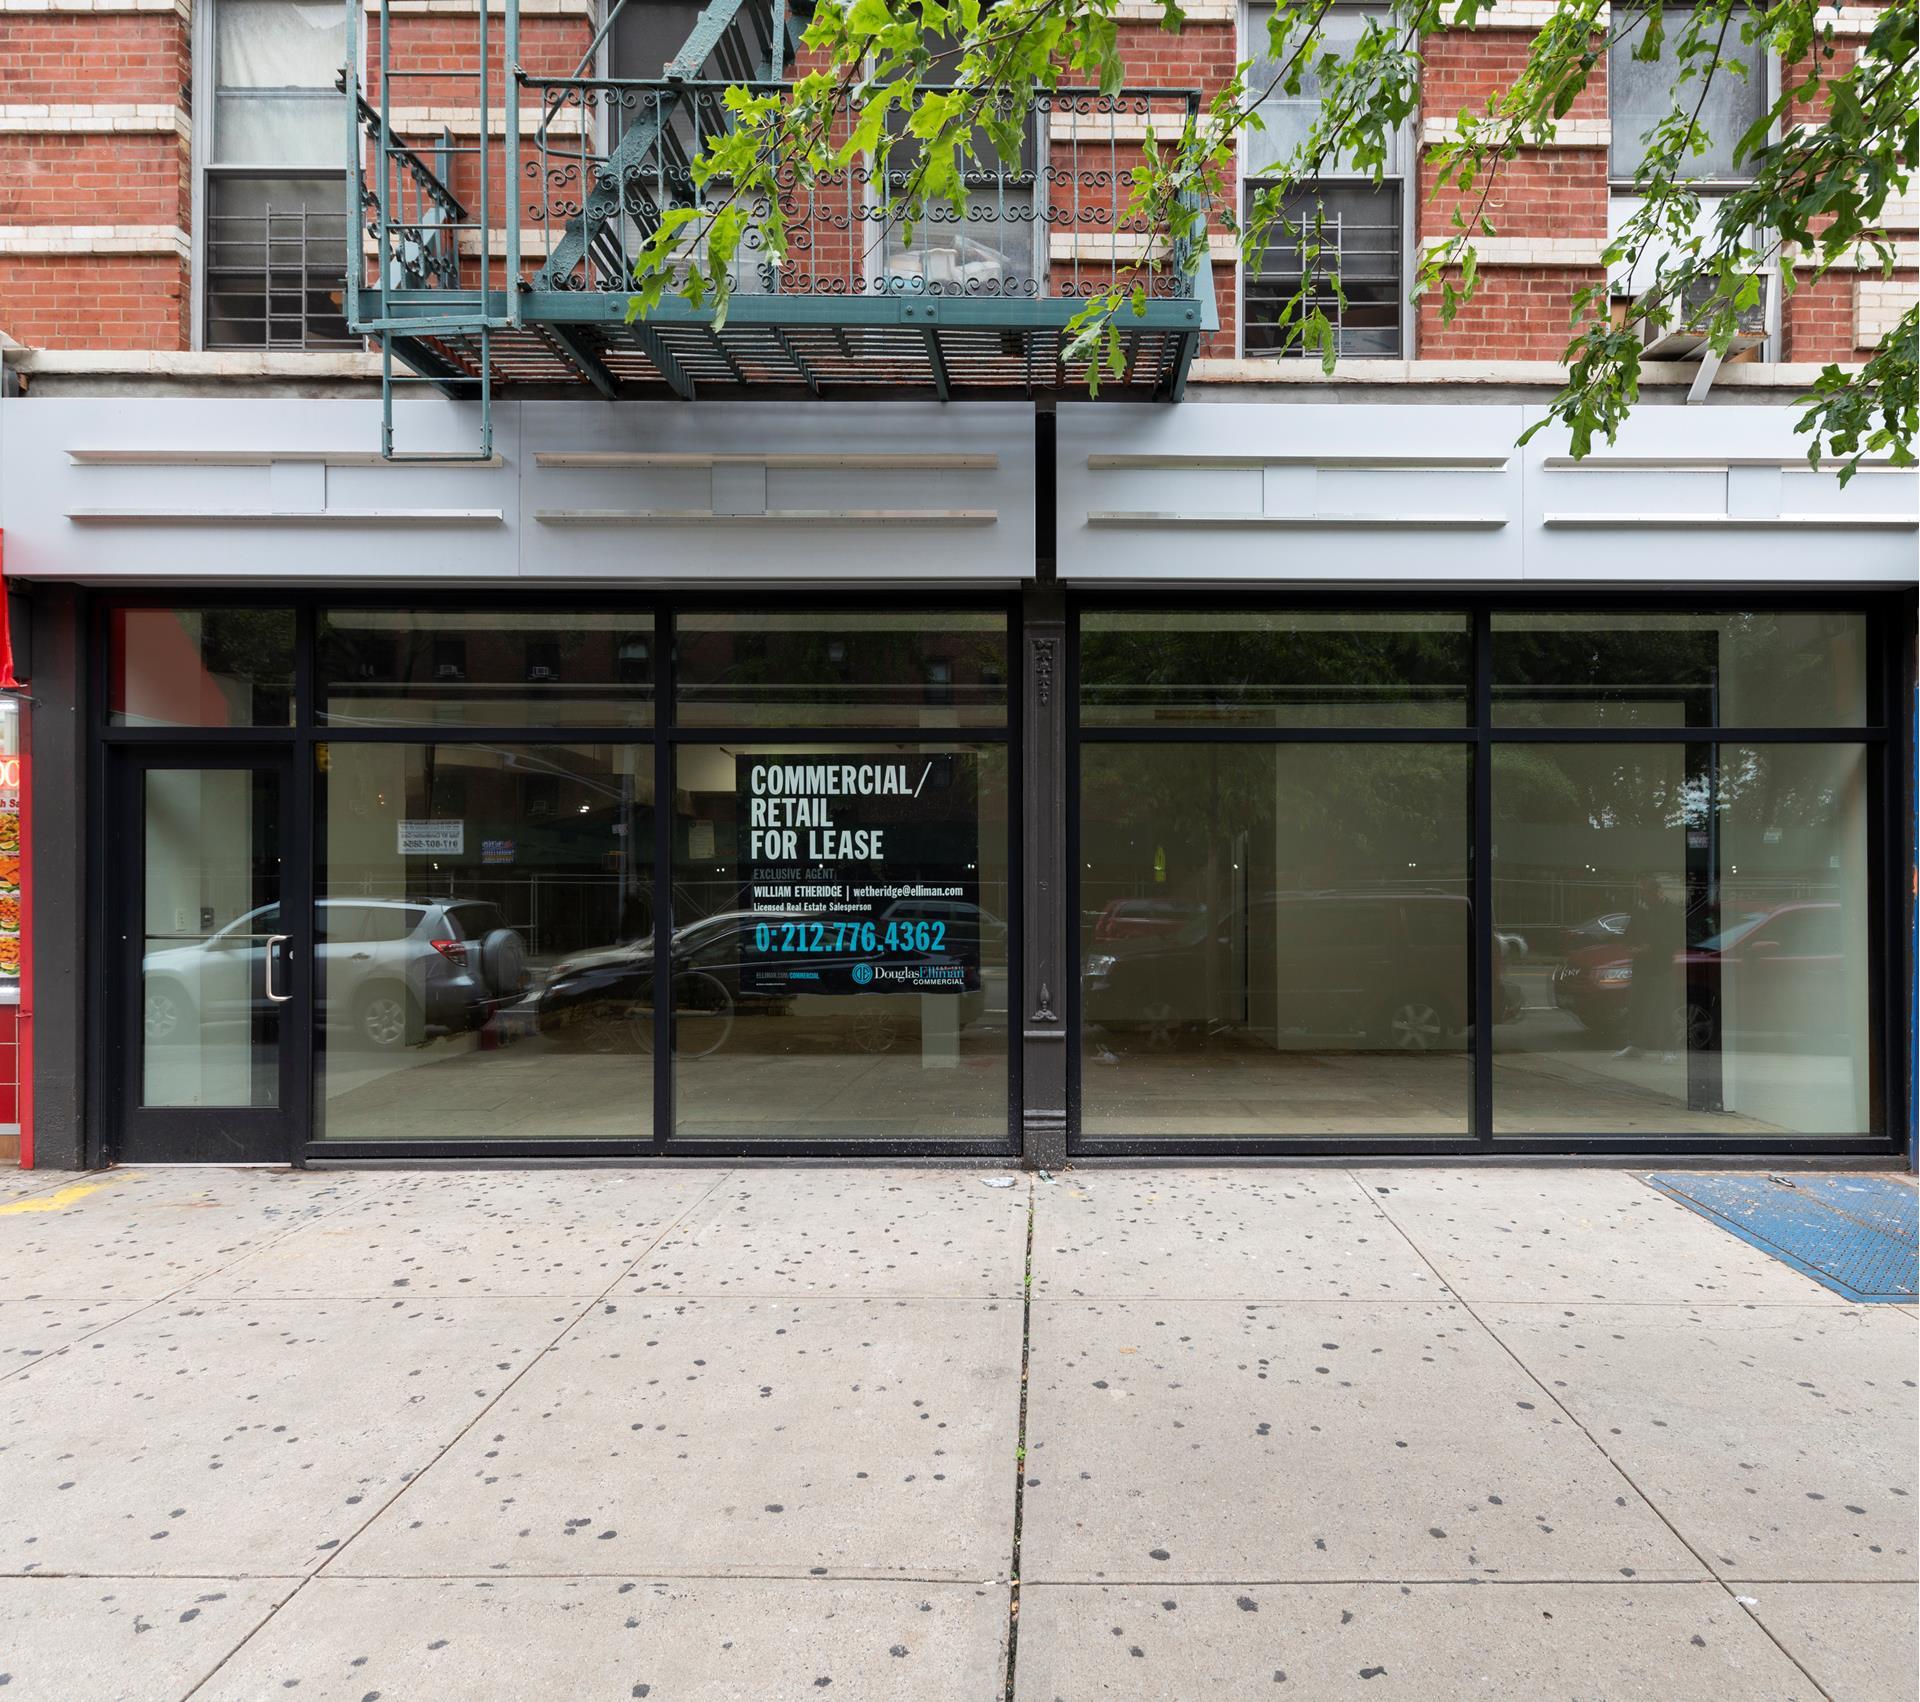 1 West 137th St, GRND - Harlem, New York